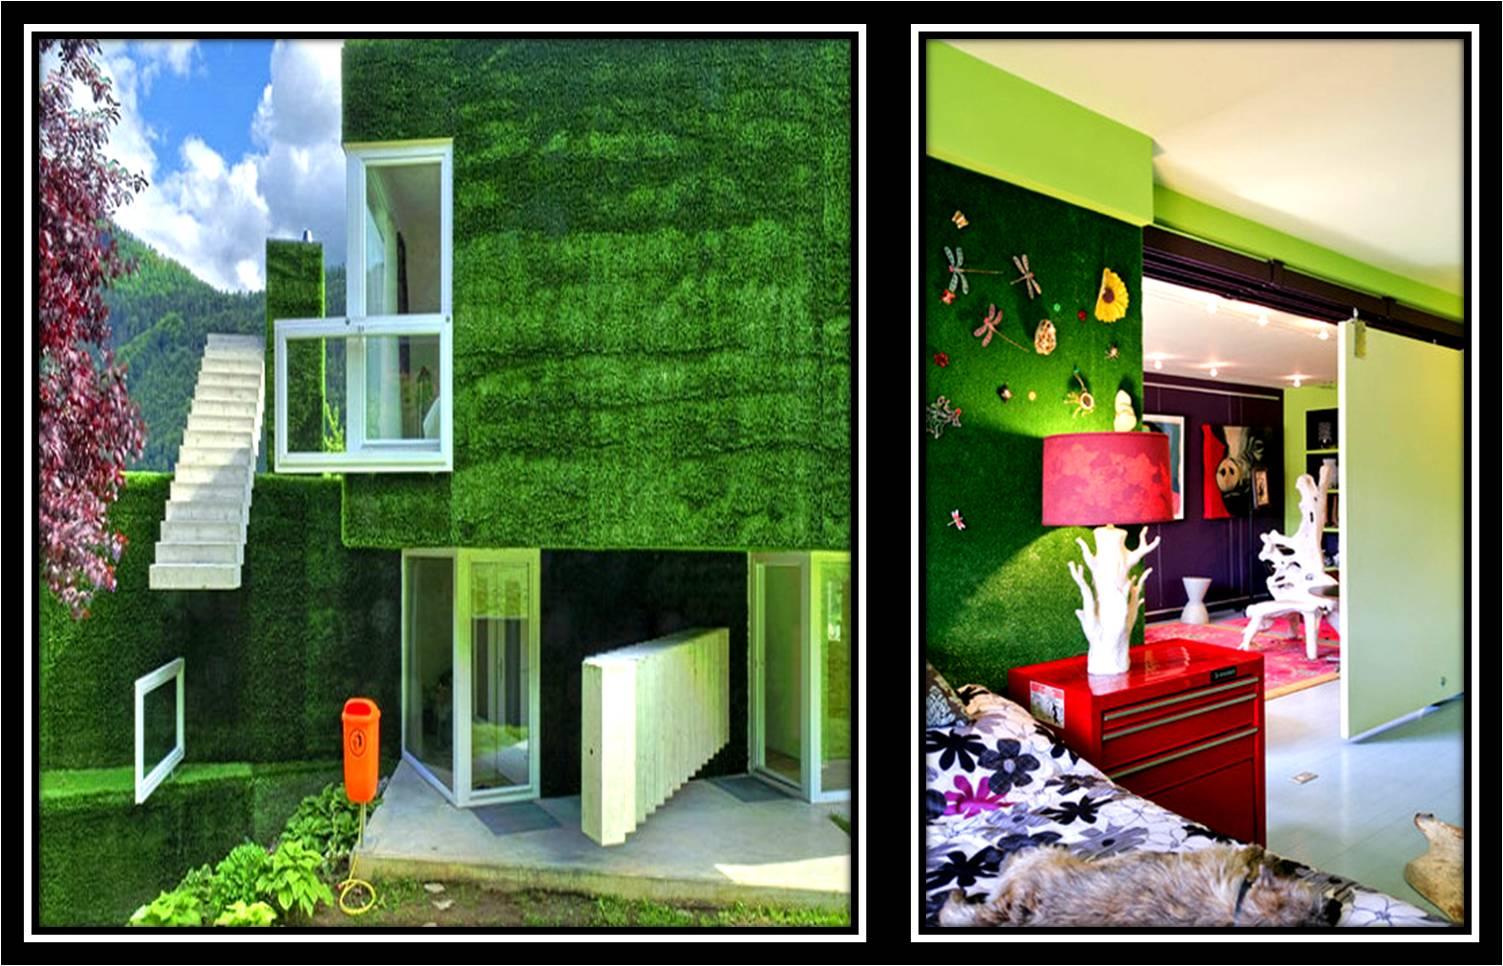 Trang trí nội thất bằng cỏ nhân tạo sân vườn